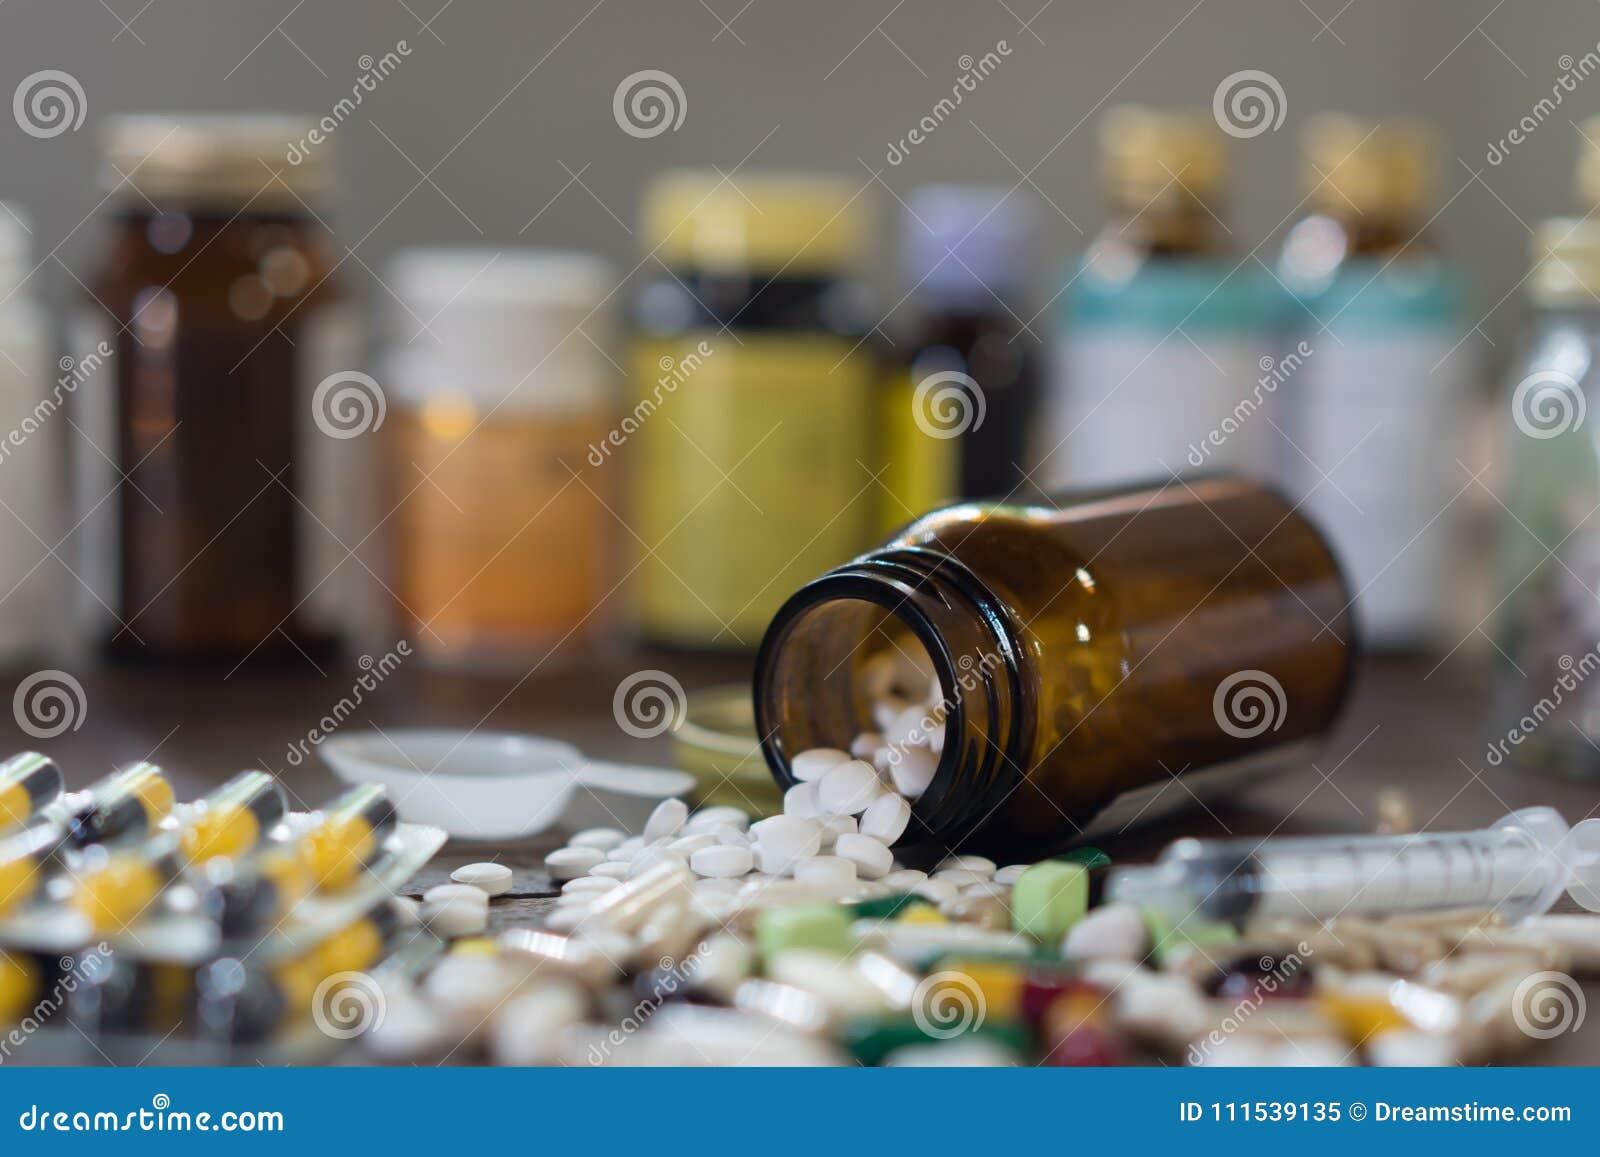 Kapsuł pigułki z medycyna antybiotykiem w pakunkach